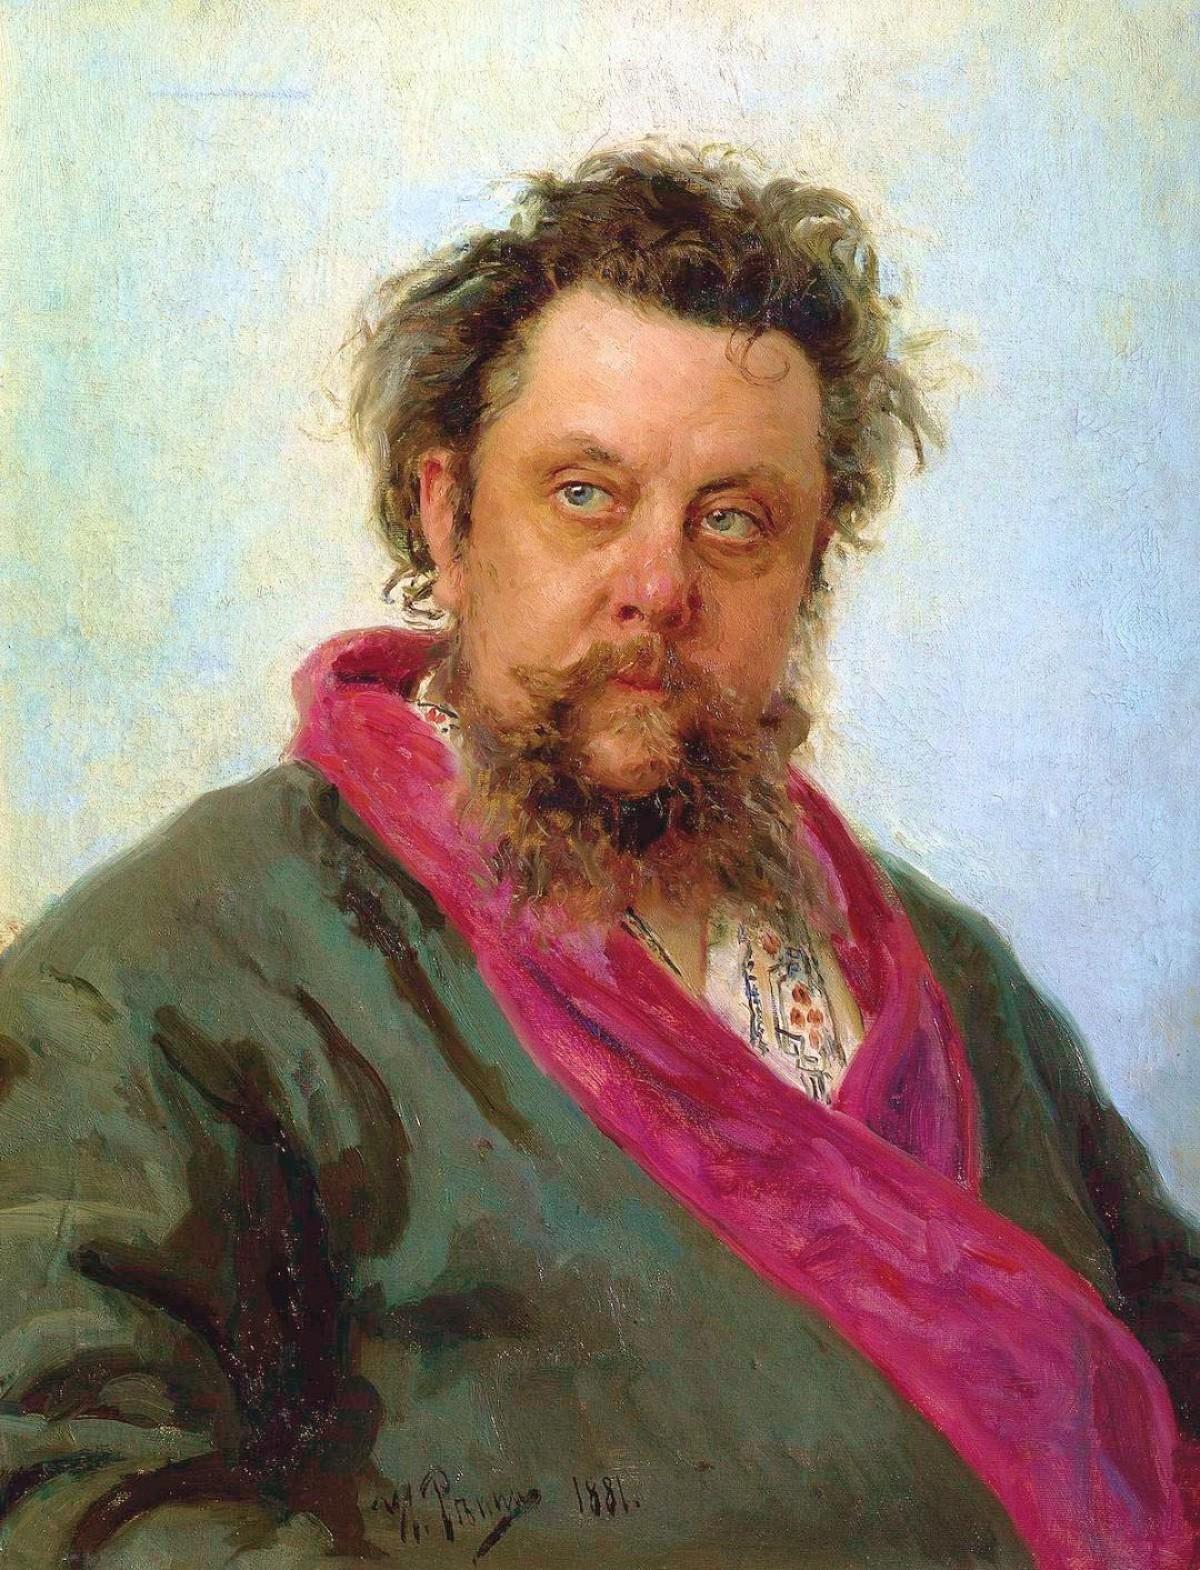 ilya-repin-portrait-of-the-composer-mode